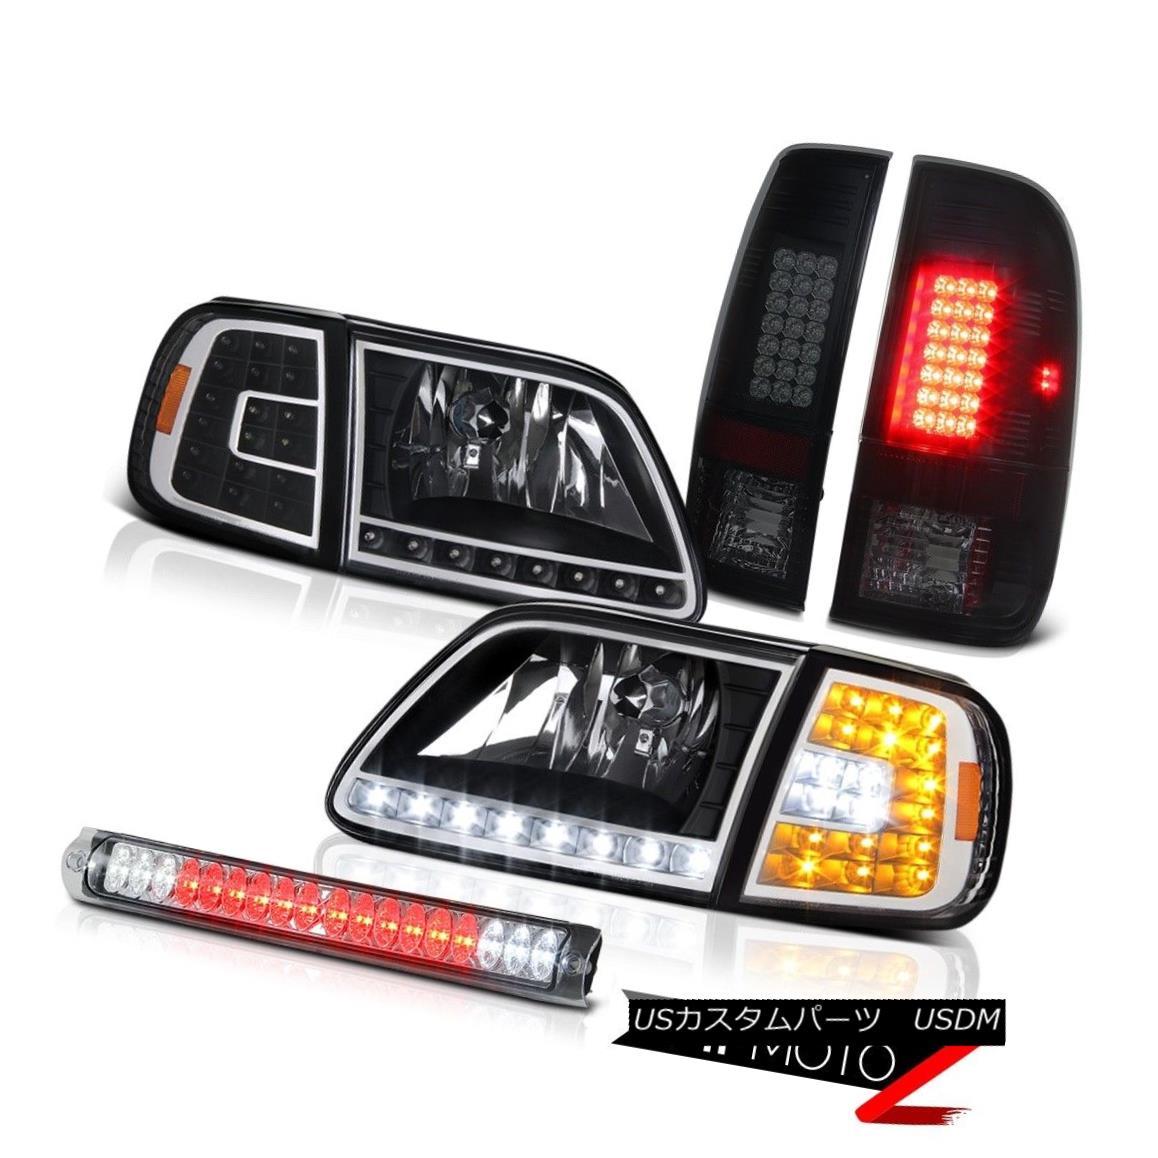 ヘッドライト 1997-2003 F150 King Ranch SMD Parking Headlamps LED Brake Lamps Roof Stop Clear 1997-2003 F150キングランチSMDパーキングヘッドランプLEDブレーキランプルーフストップクリア